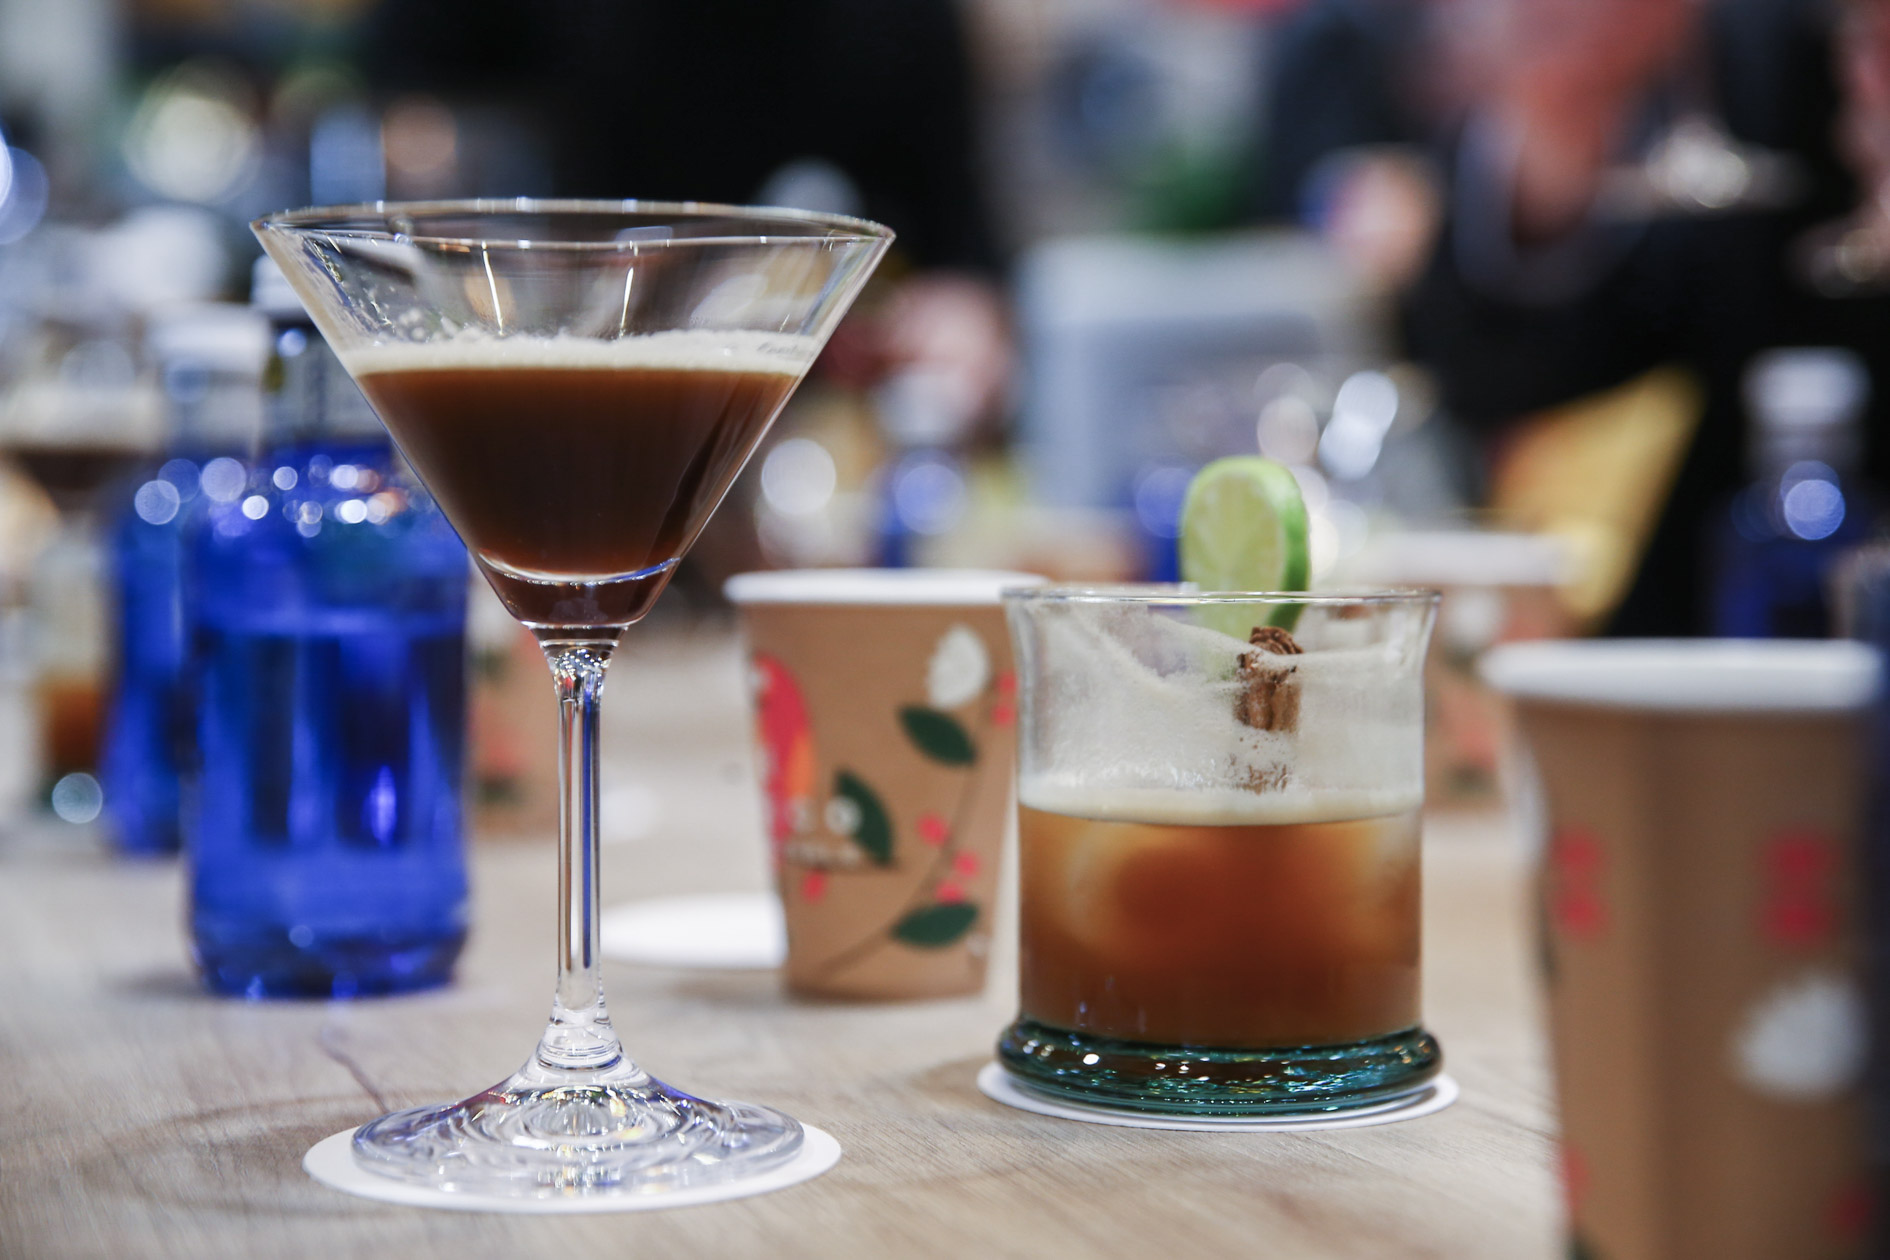 Cata de cocktails de café en FITUR